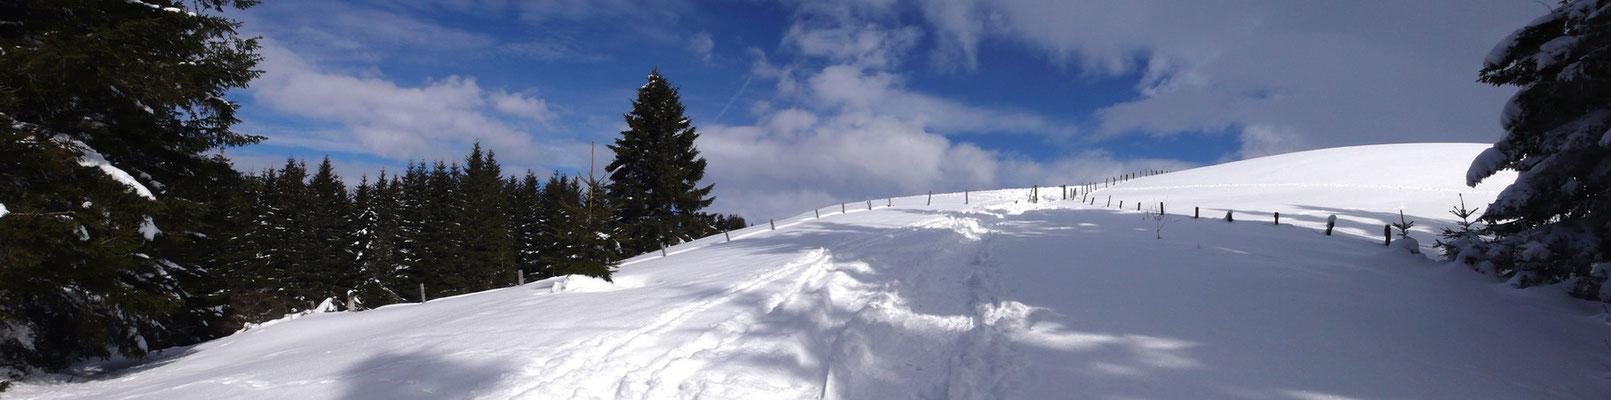 En montant à la Banne d'Ordanche au dessus du bourg de Murat le Quaire - Massif du Sancy - Auvergne - France